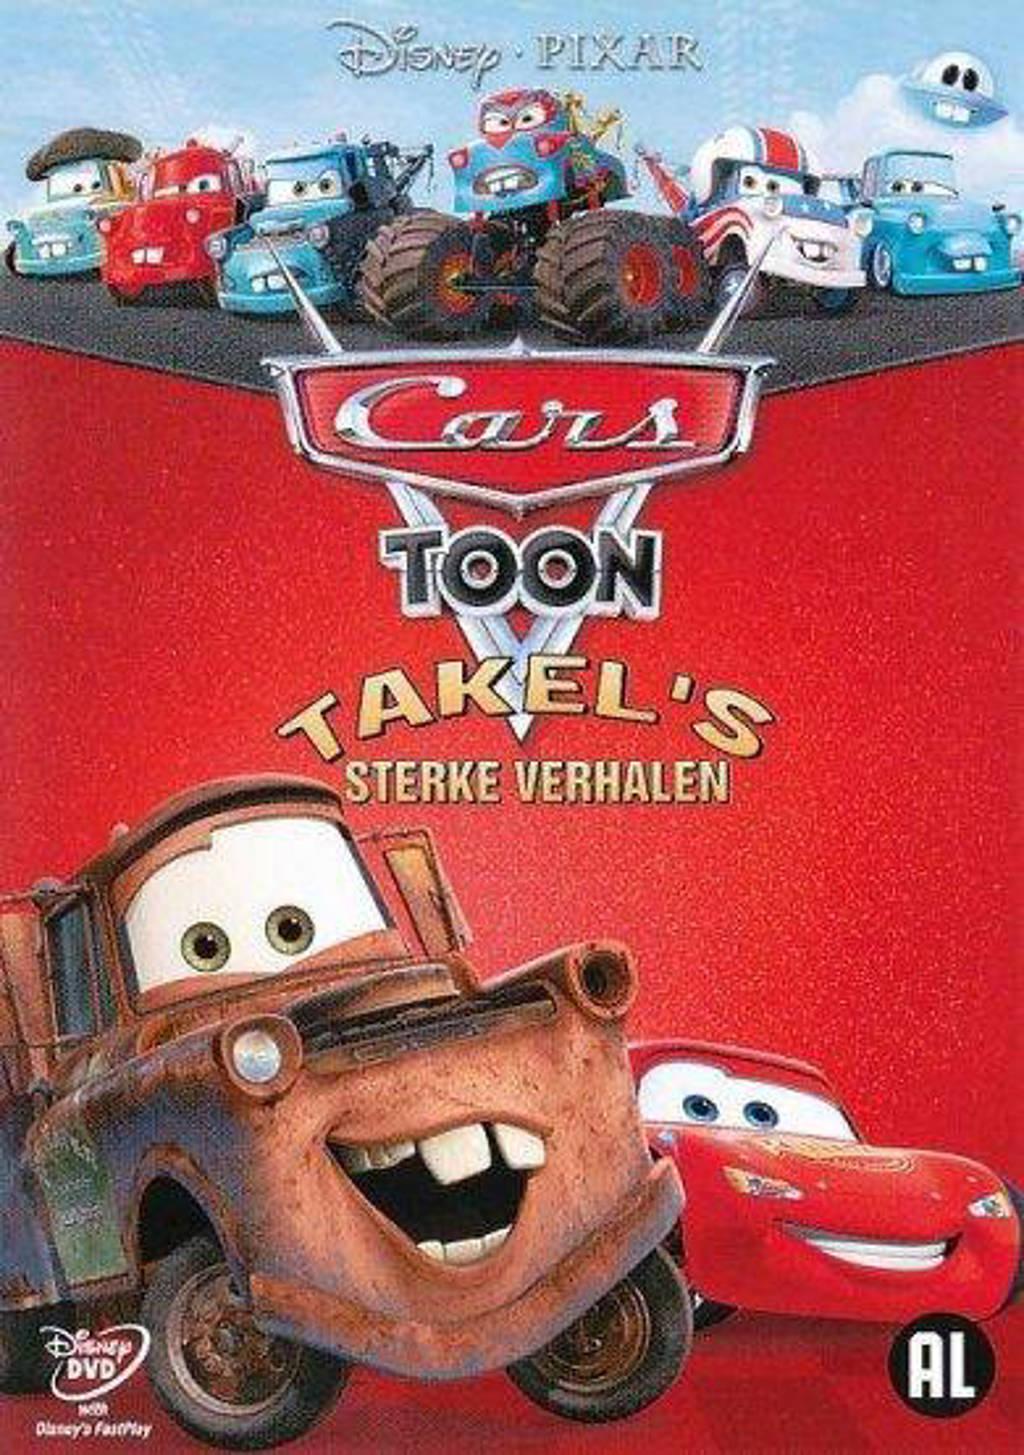 Cars toon - Takel's sterke verhalen (DVD)